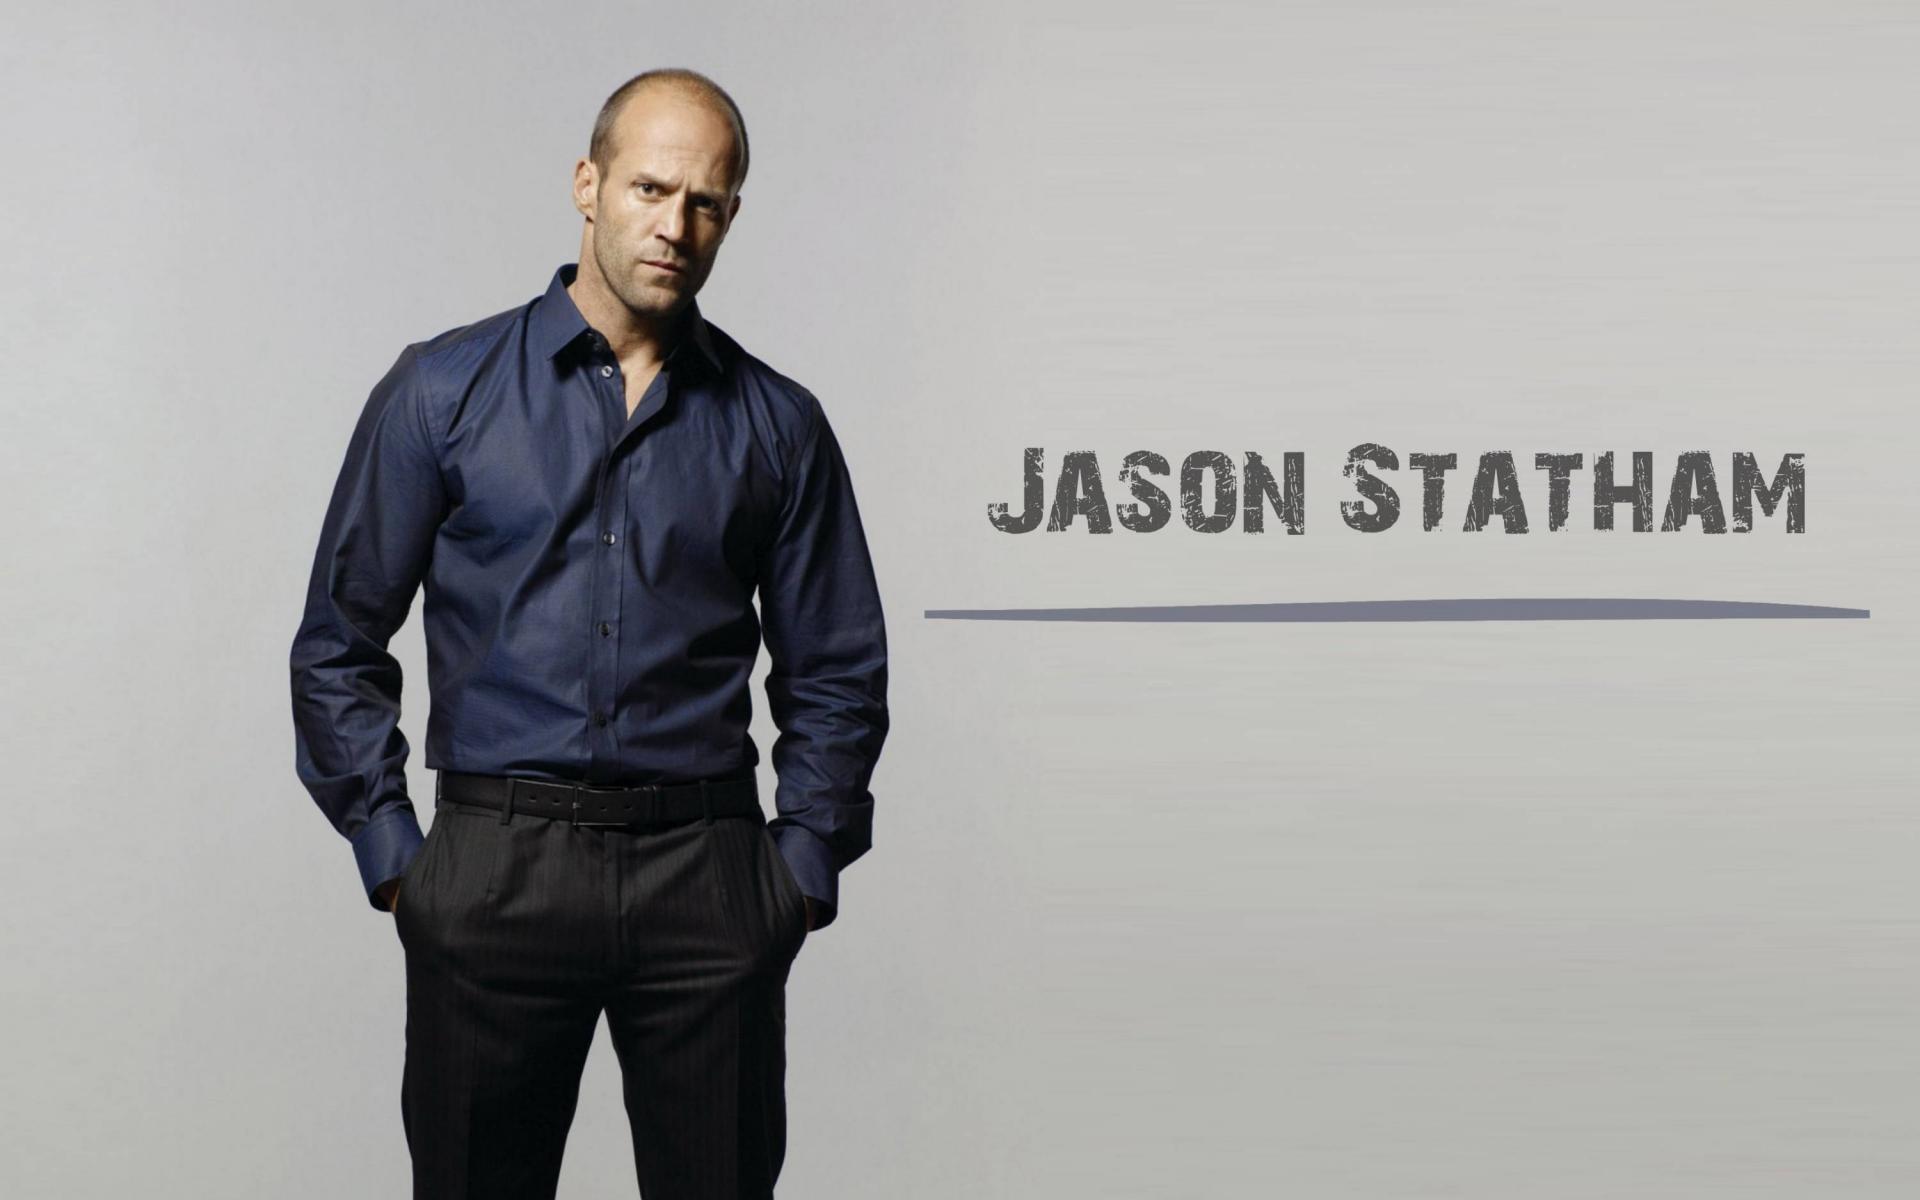 Джейсон Стэтхэм плакат - скачать обои на рабочий стол. Обои для андроид бесплатно.